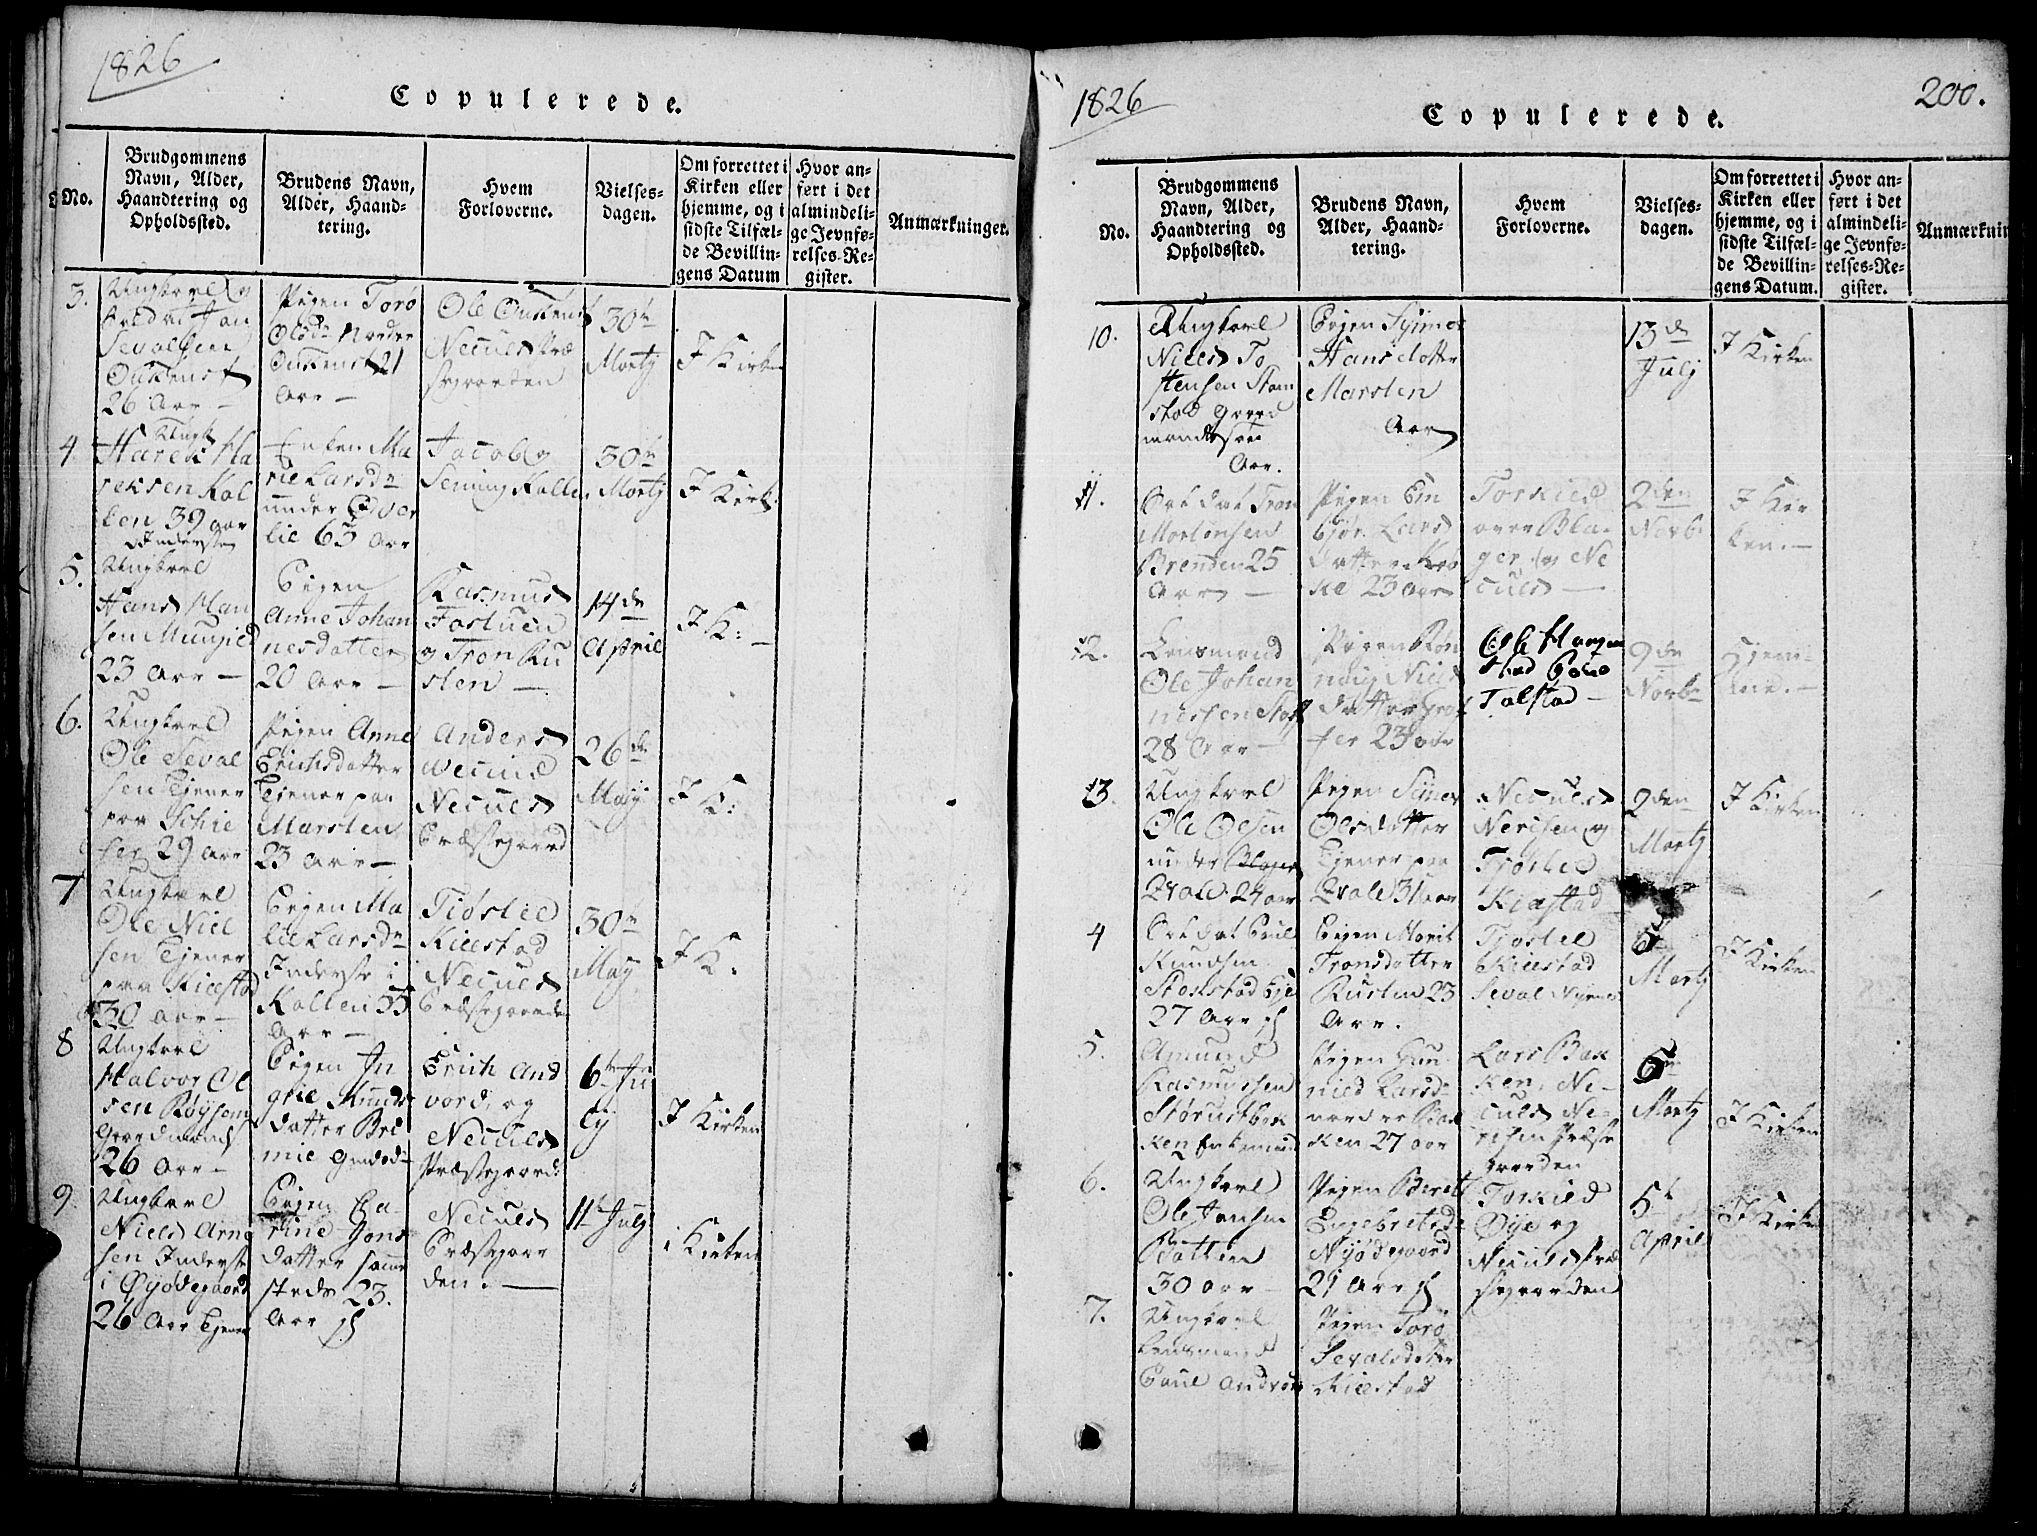 SAH, Lom prestekontor, L/L0001: Klokkerbok nr. 1, 1815-1836, s. 200